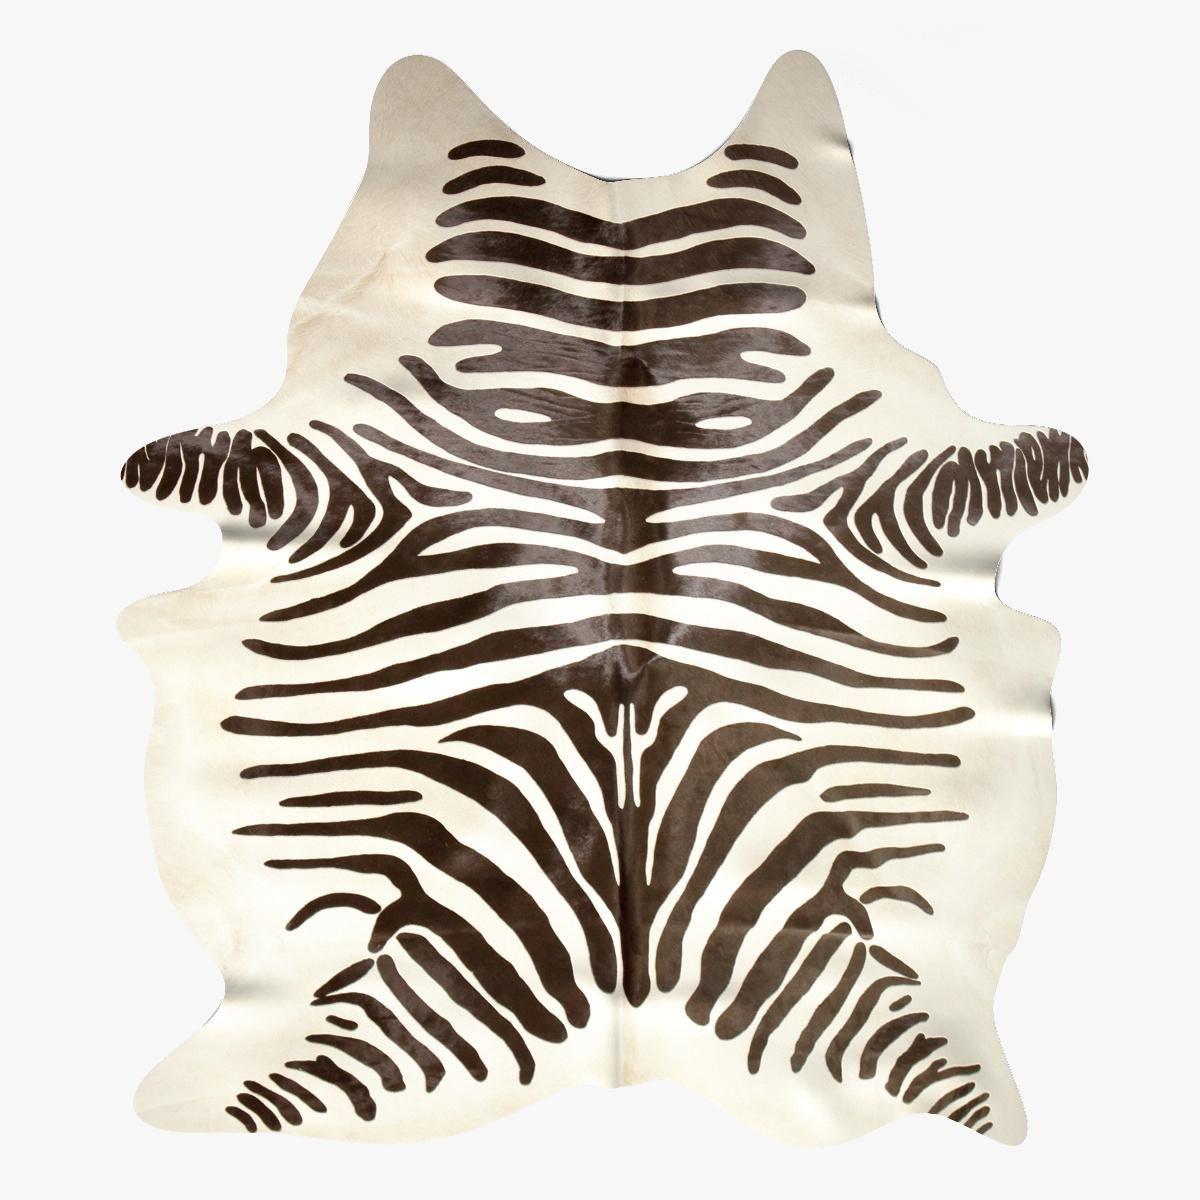 Zebra Rug 3D Model AD ZebraRugModel Zebra rug 3d